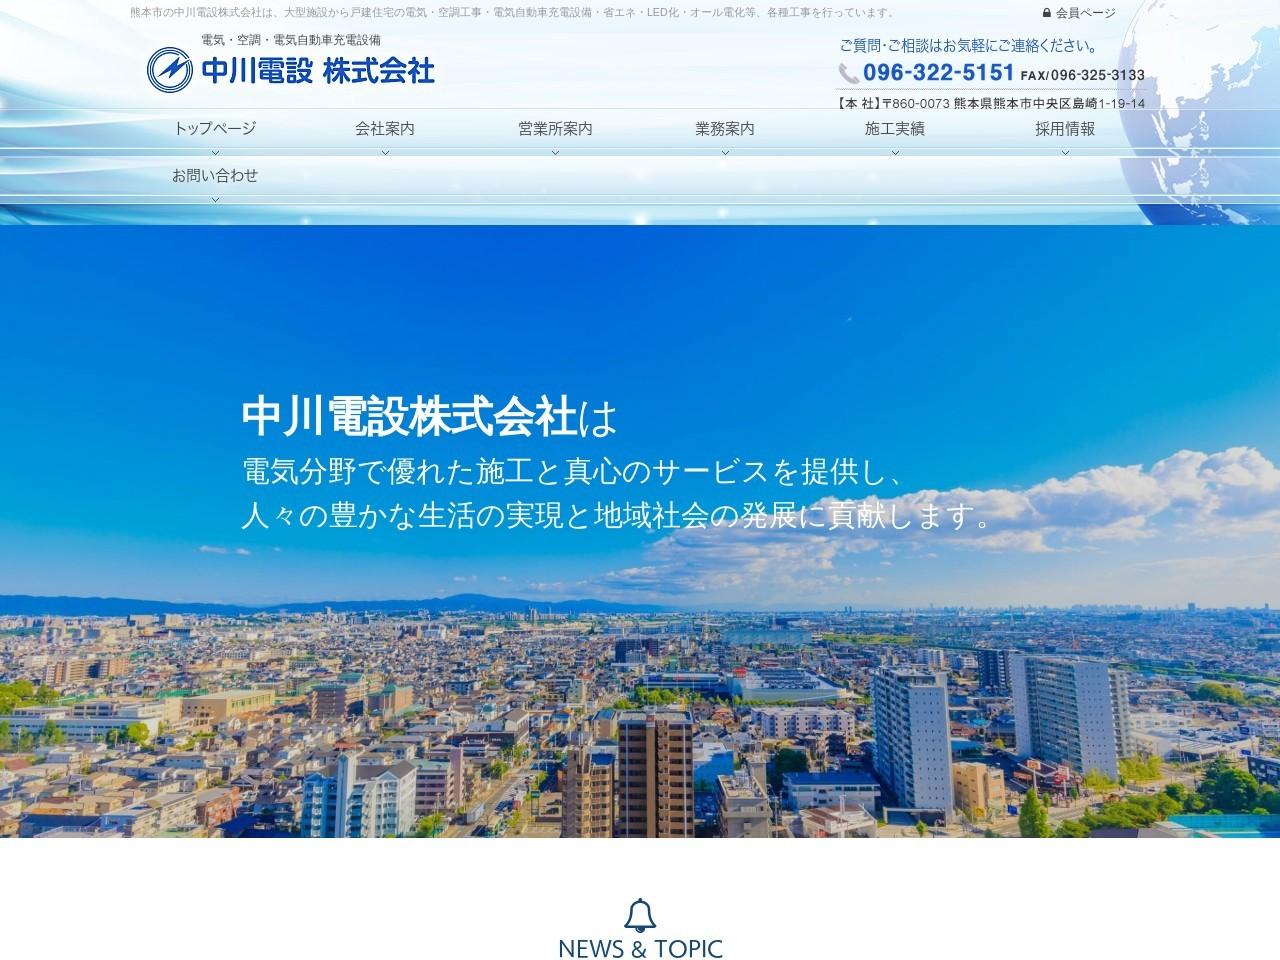 中川電設株式会社